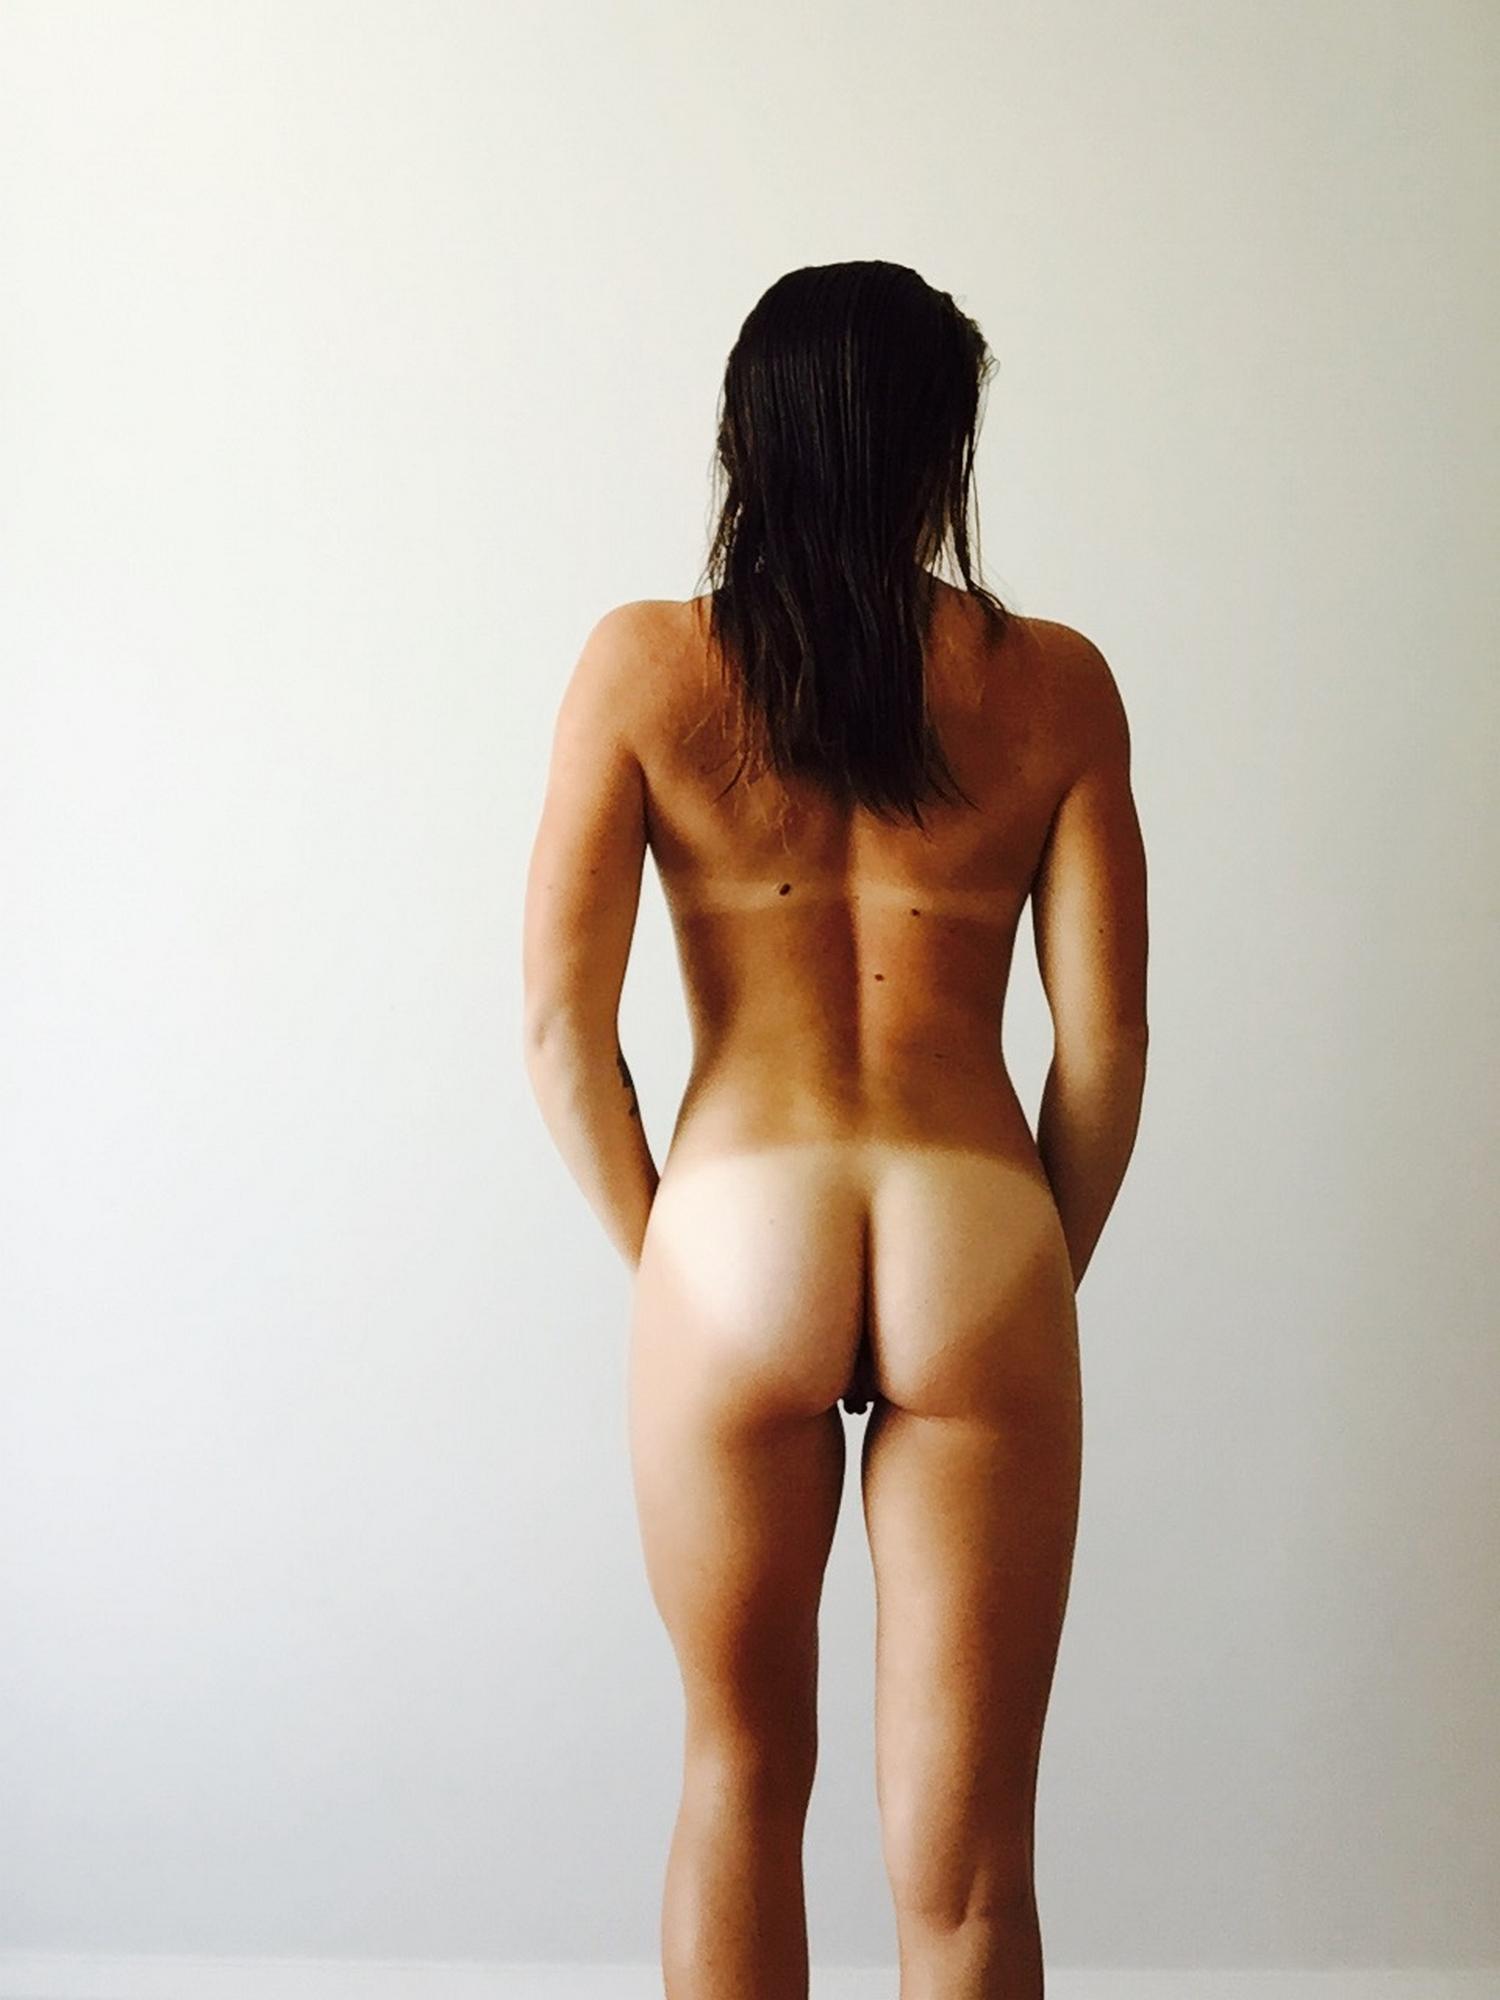 Селфи загорелой гимнастки с крепкой попкой 3 фото